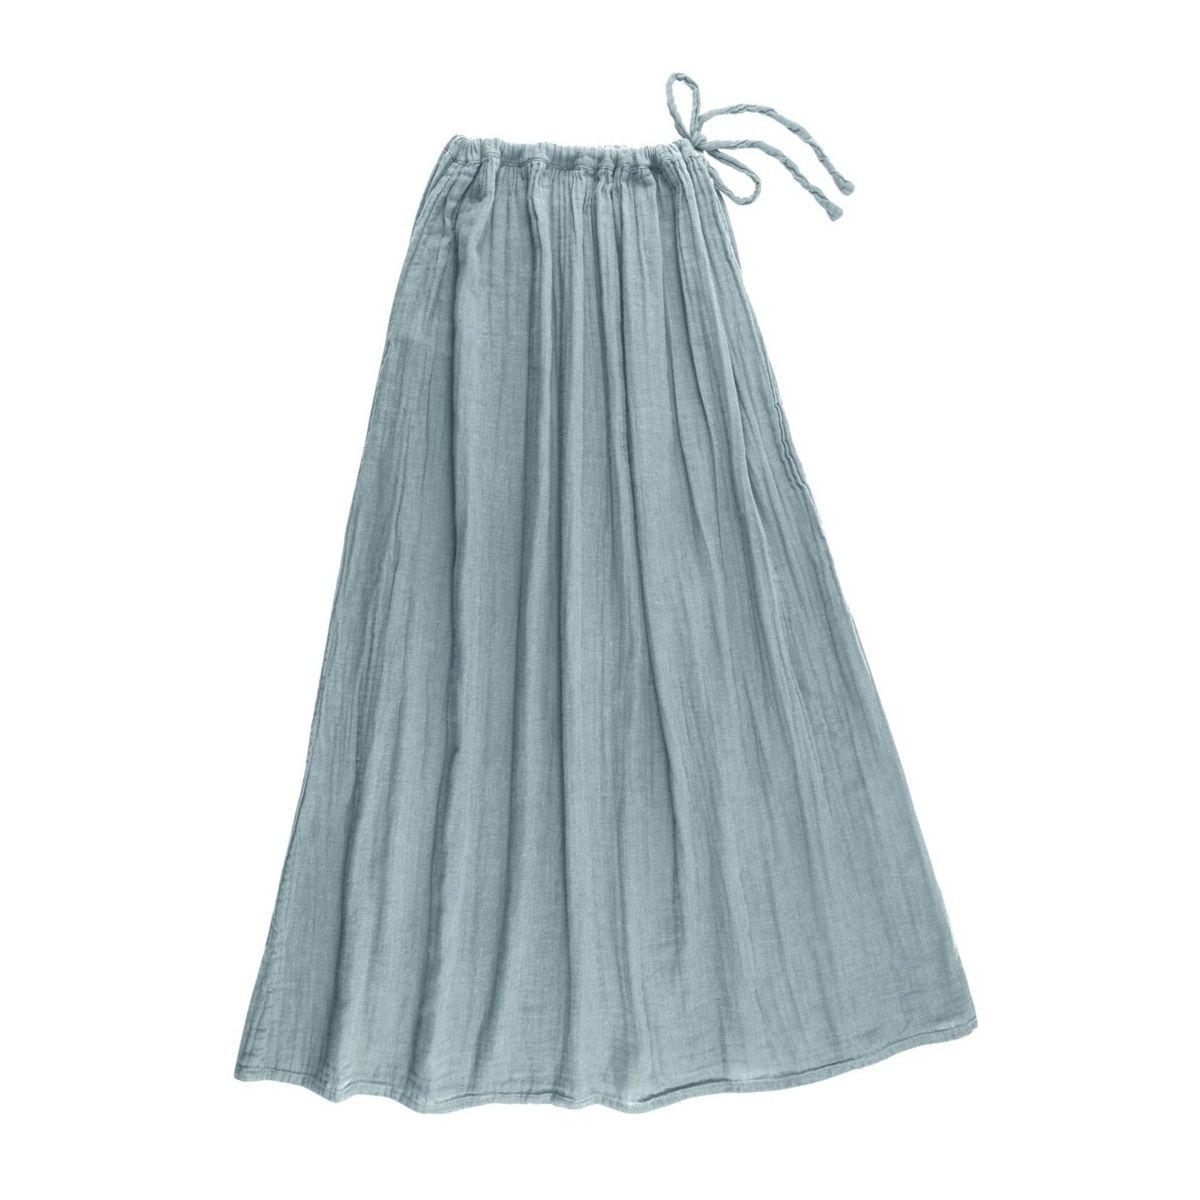 Numero 74 Spódnica dla mamy Ava długa zgaszony błękit